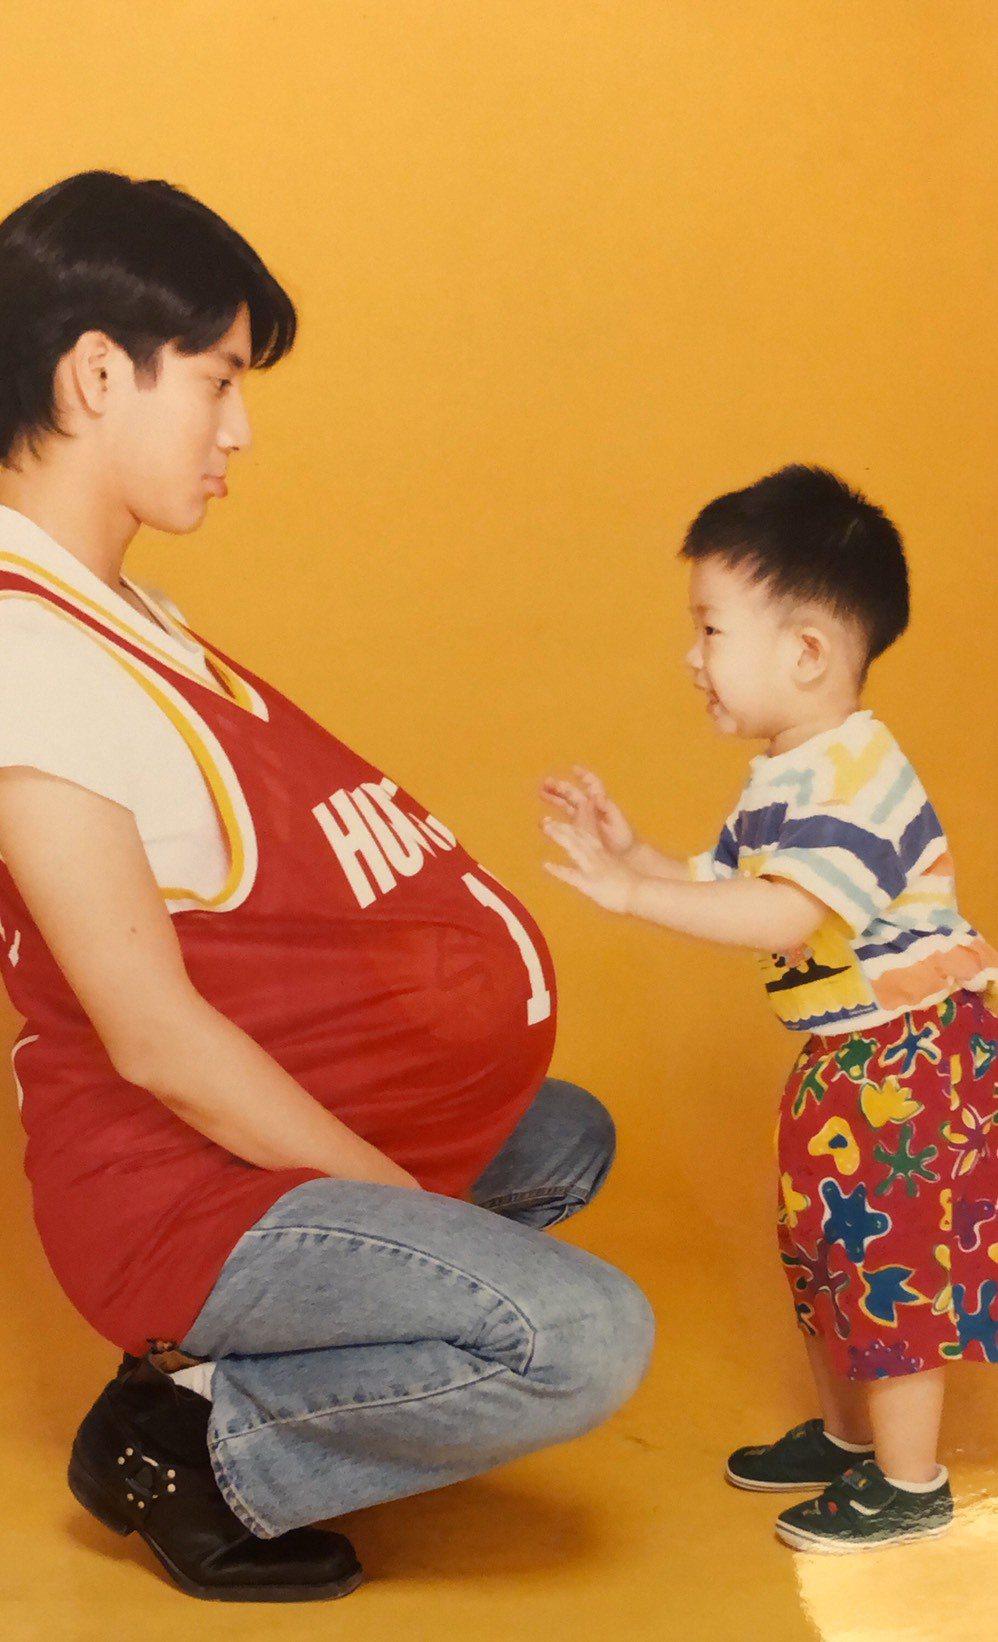 林亭翰(右)24年前和王力宏一起拍攝宣傳照。圖/青田音樂提供